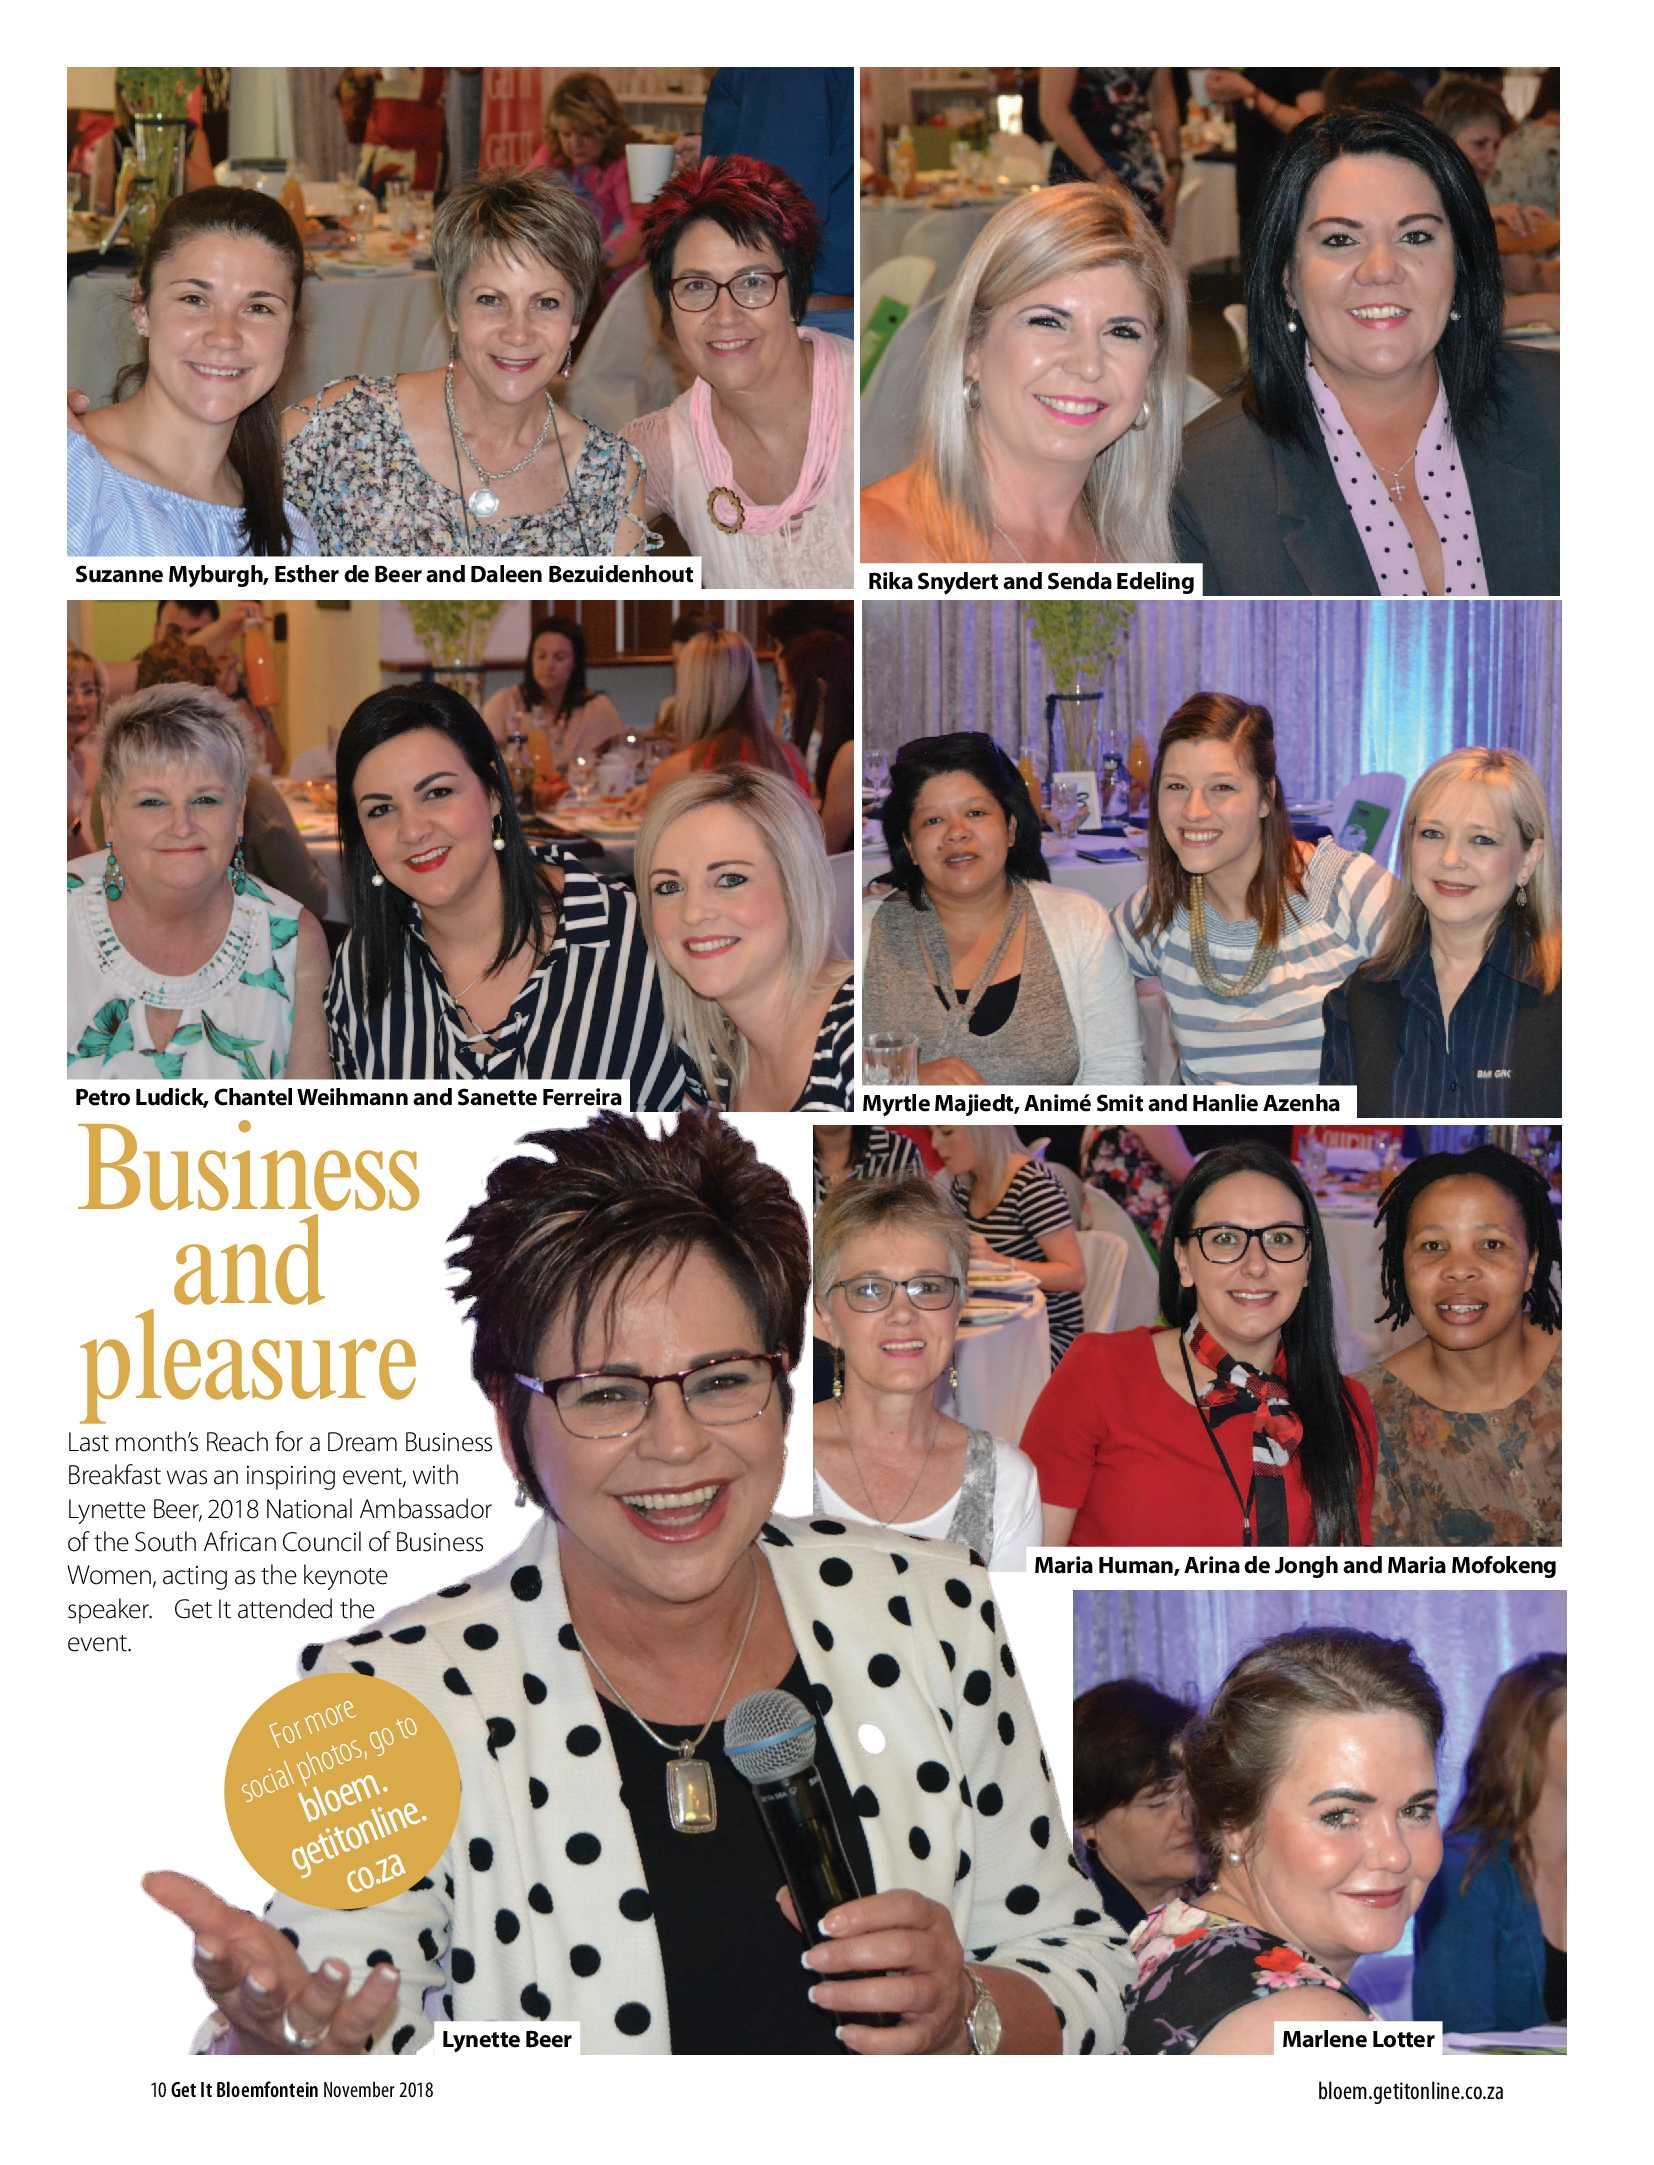 get-bloemfontein-november-2018-epapers-page-12